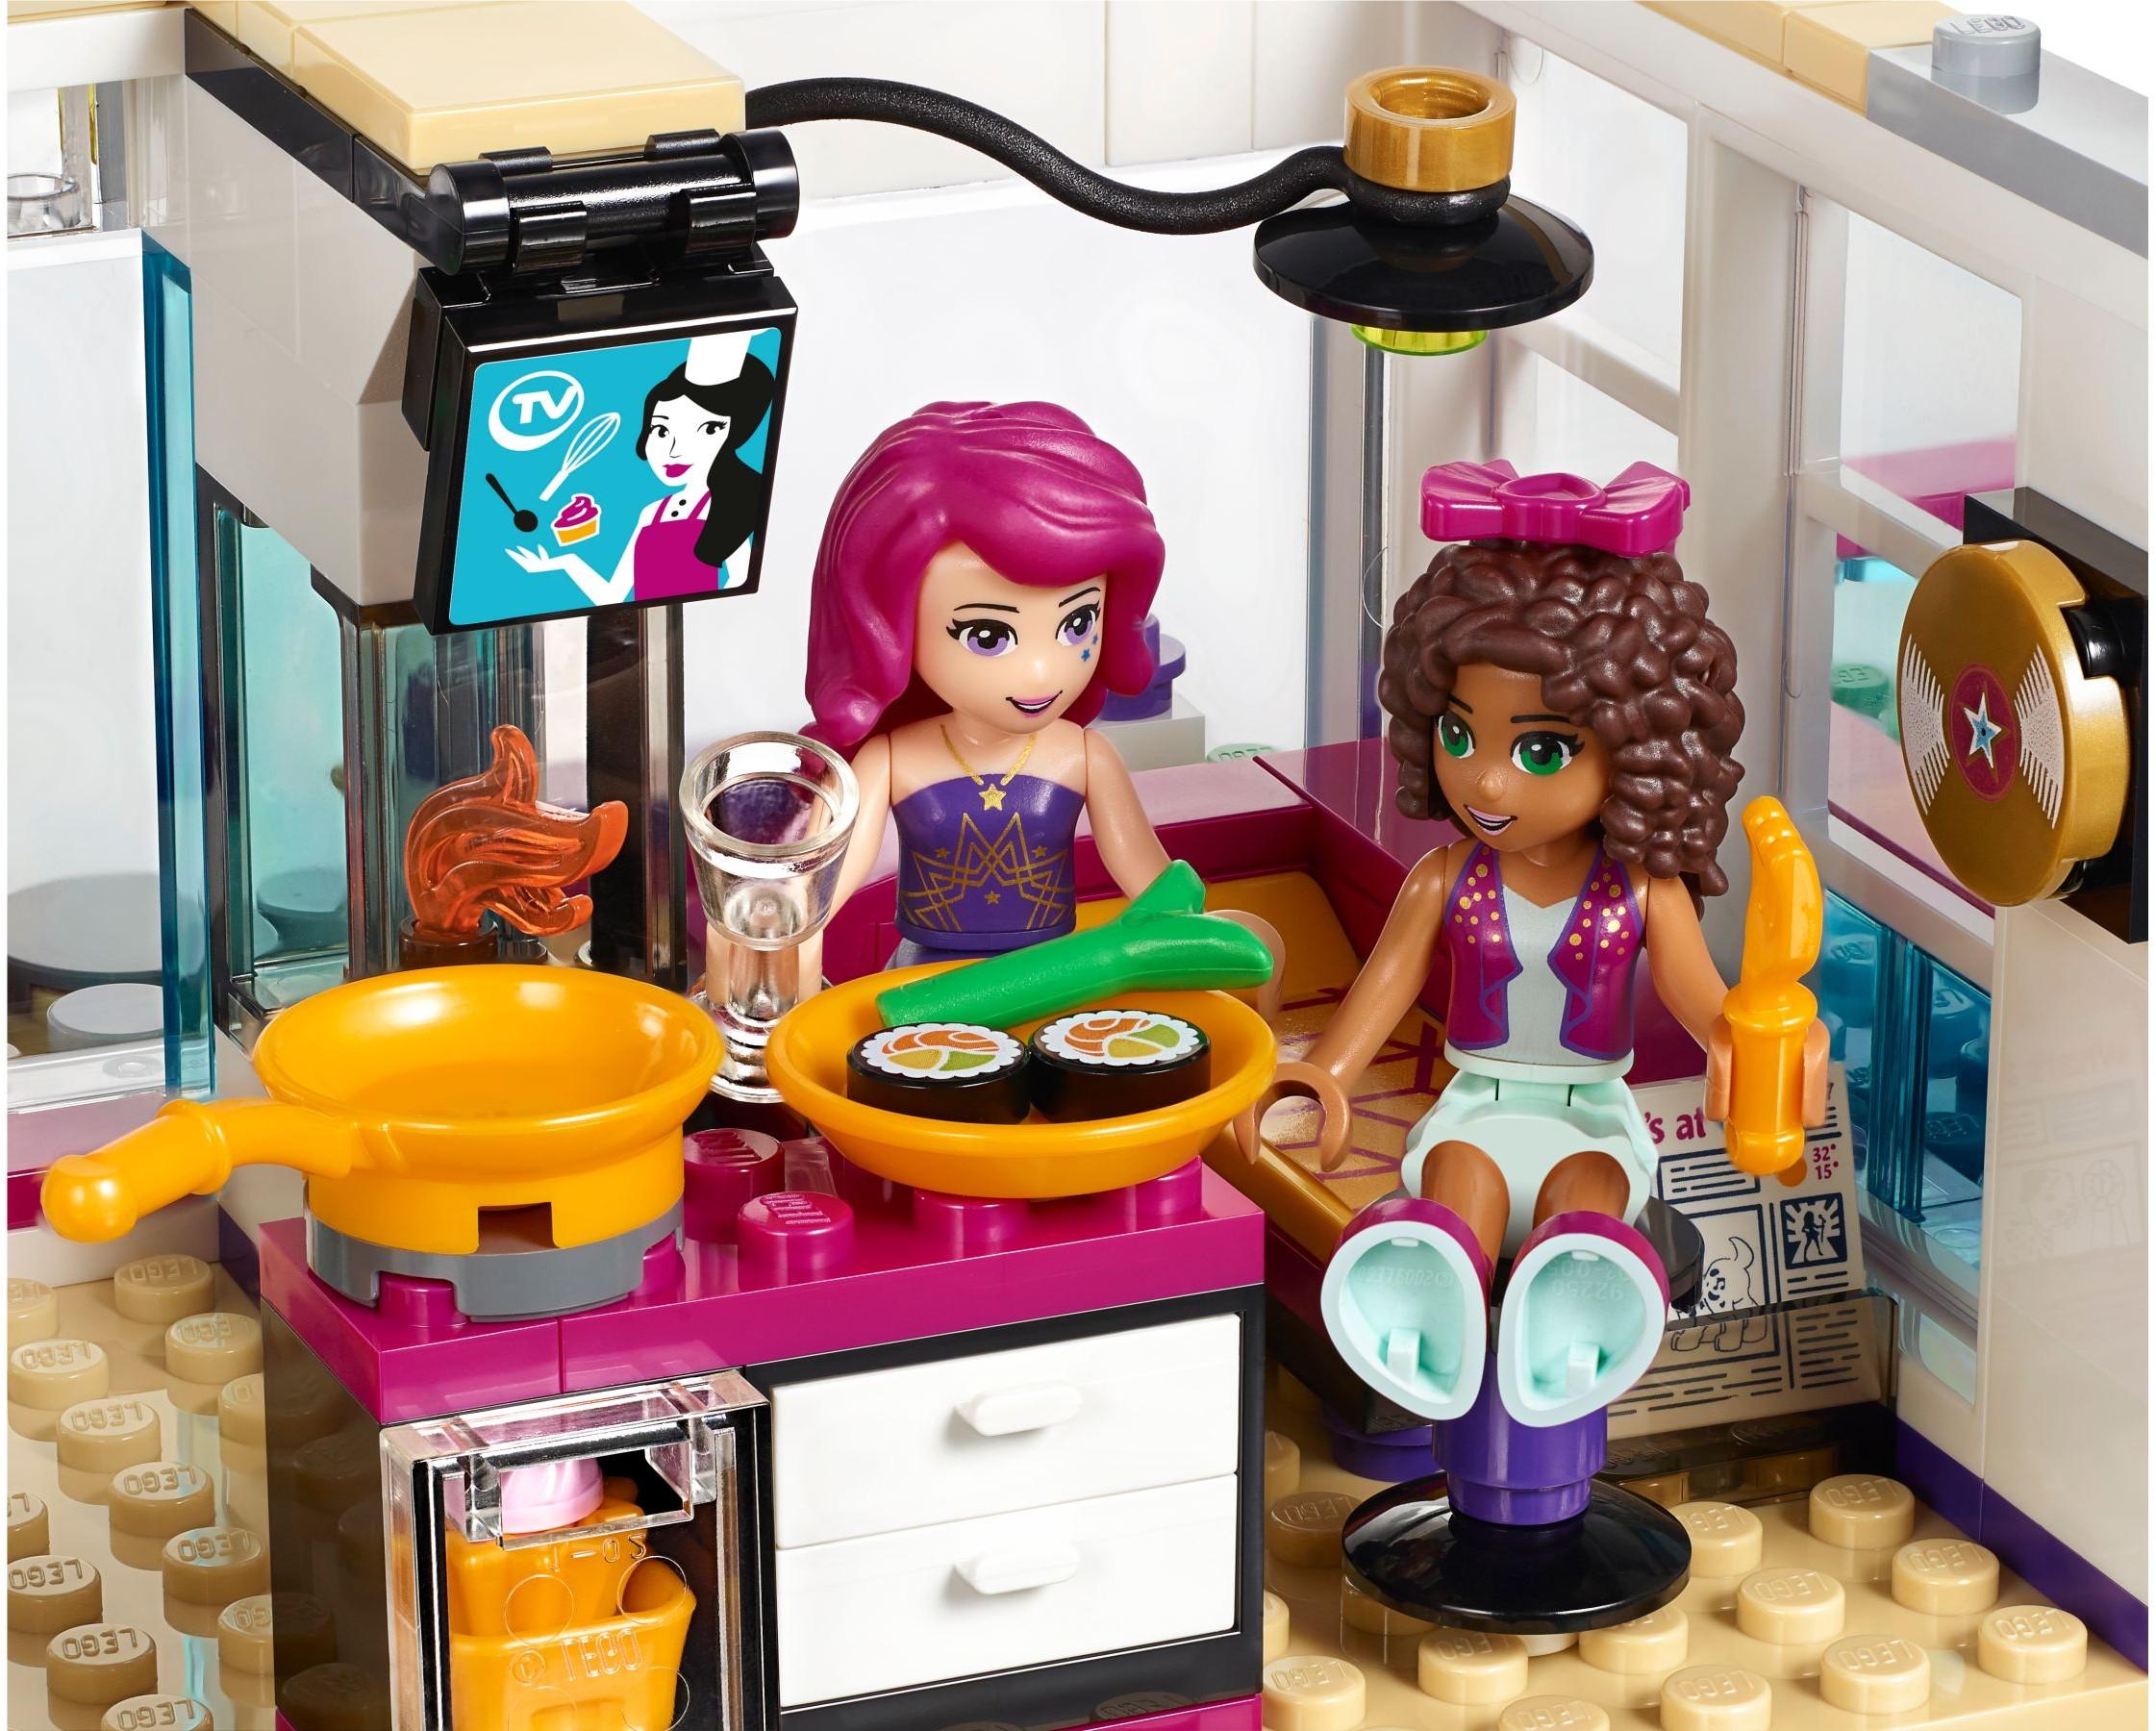 Lego friends 41135 pas cher la maison de la pop star livi - Lego friends casa de livi ...